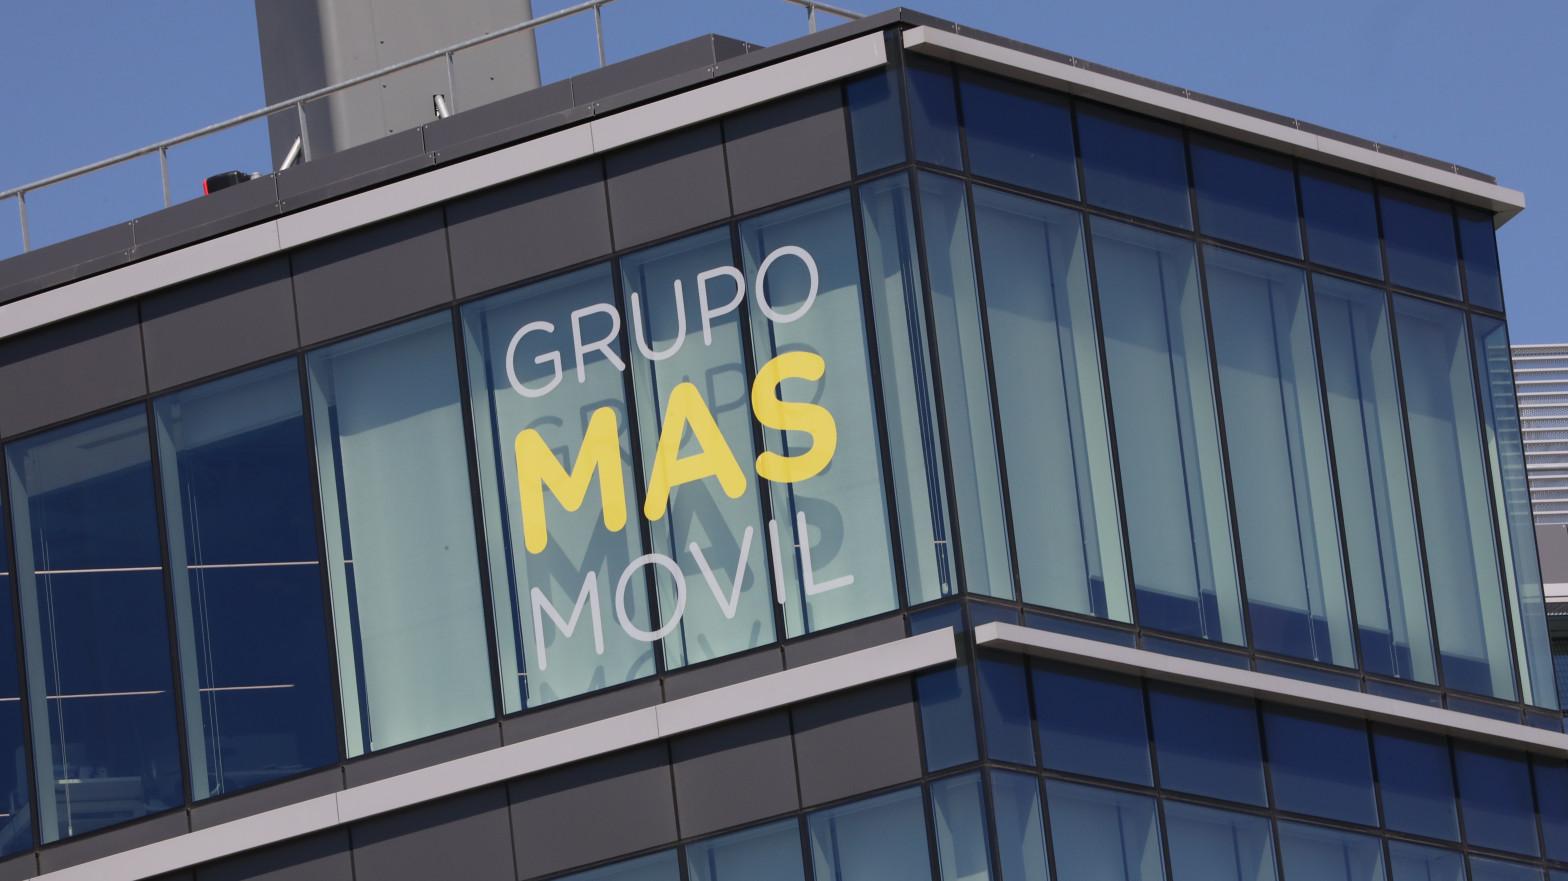 MásMóvil entra en el negocio de los préstamos personales con su marca Yoigo